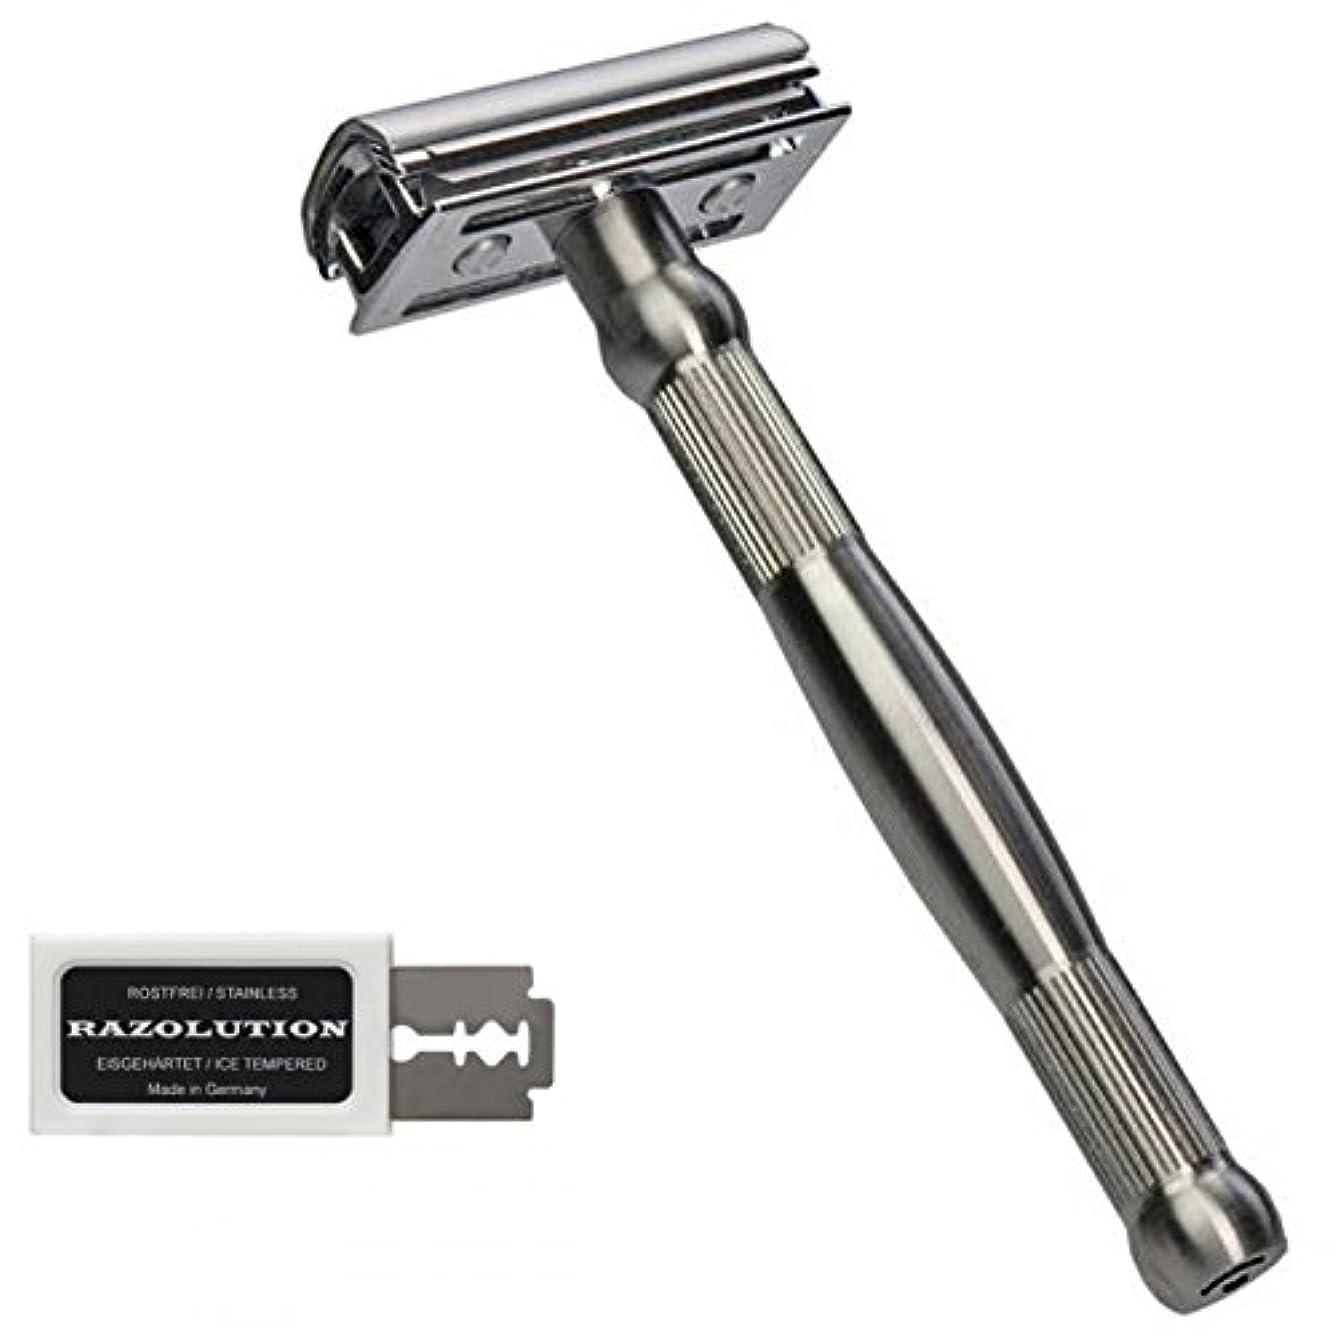 付き添い人家畜母性RAZOLUTION 4Edge Safety razor, stainless steel handle